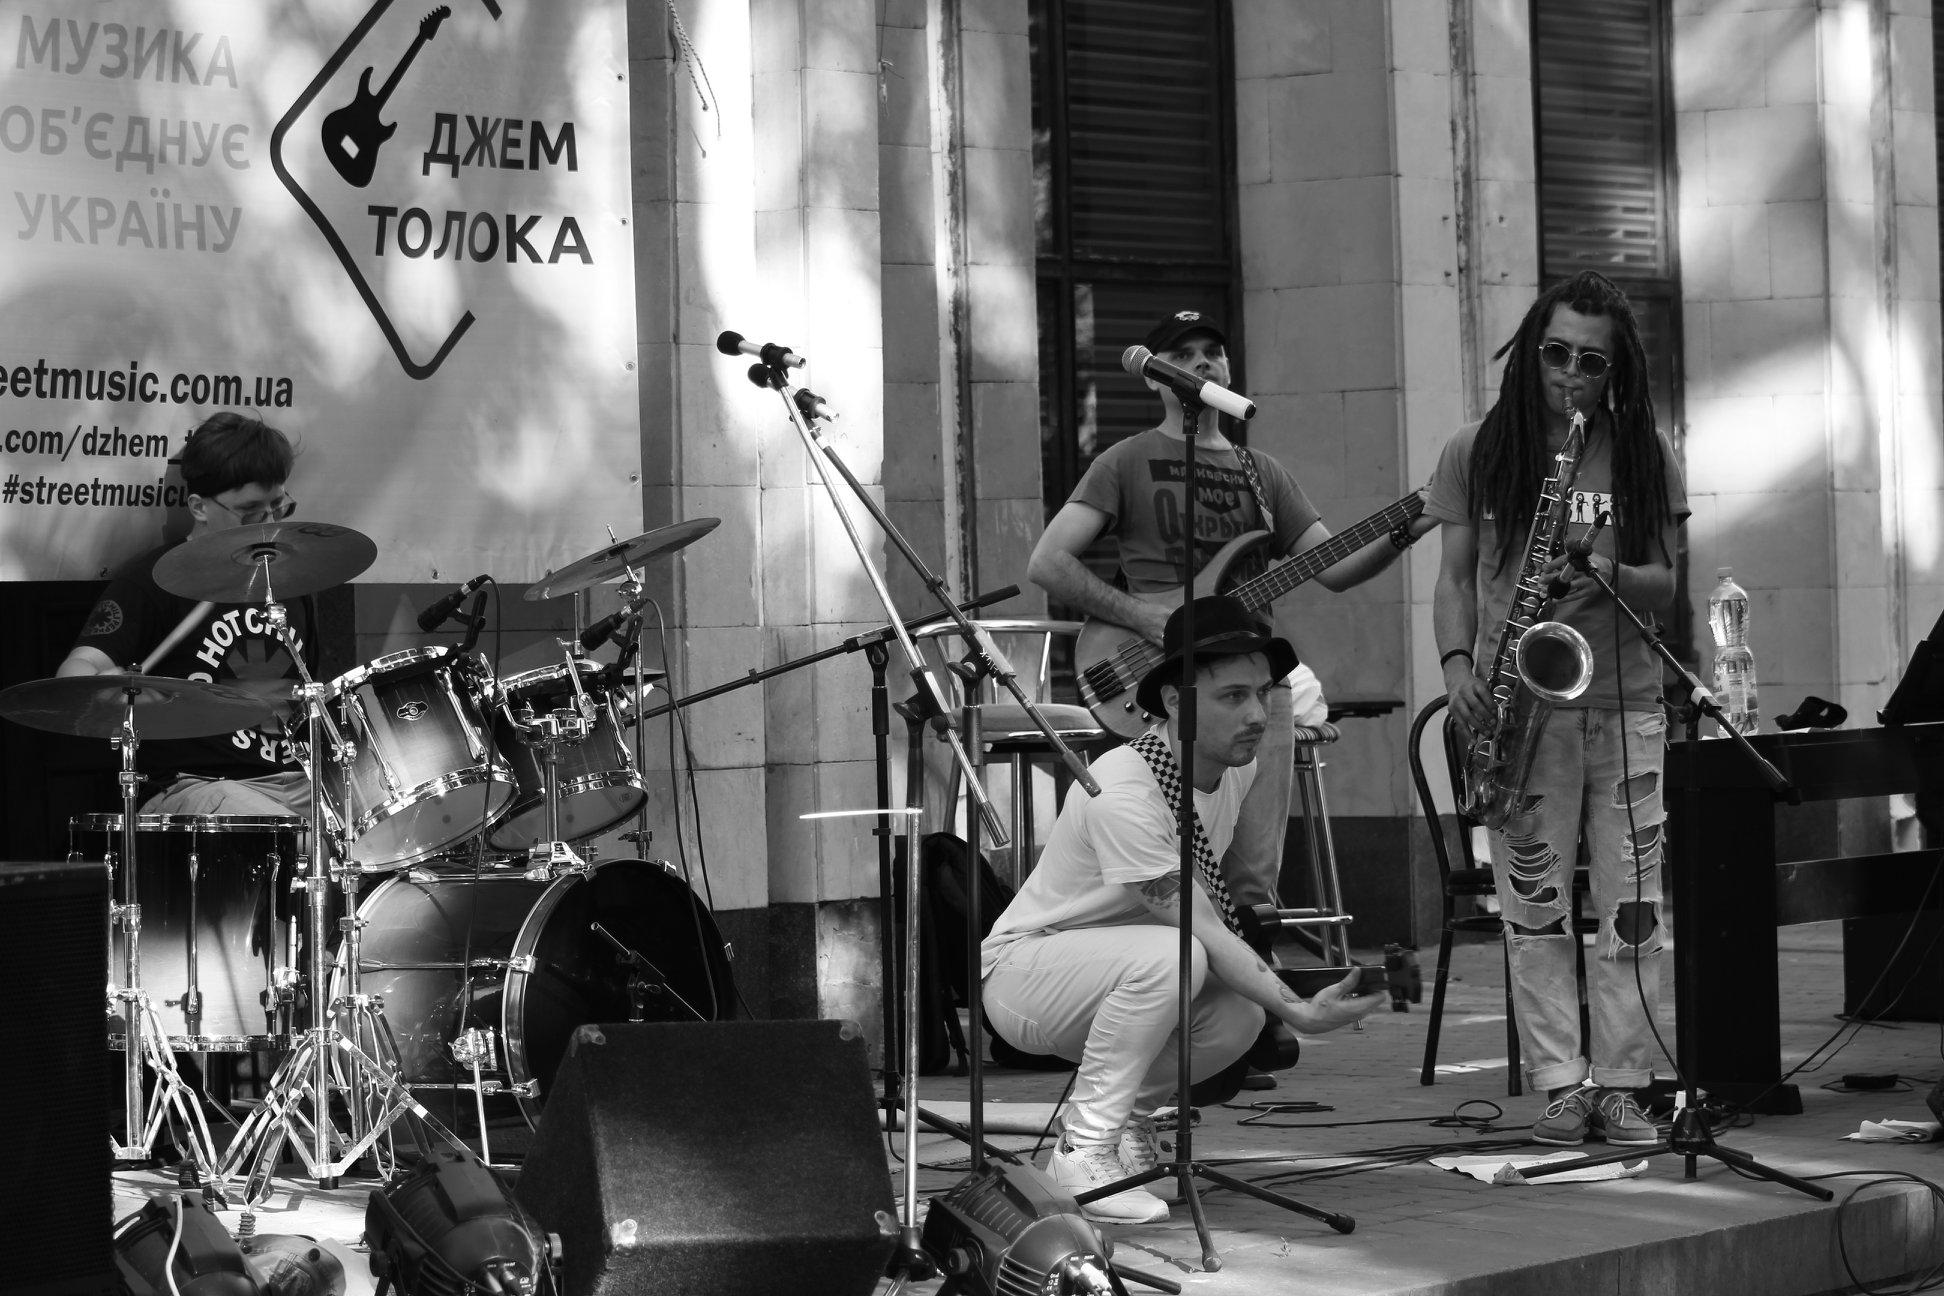 День вуличної музики у Переяславі-Хмельницькому (фото) -  - 60451373 2451563224862997 7250240898313748480 o